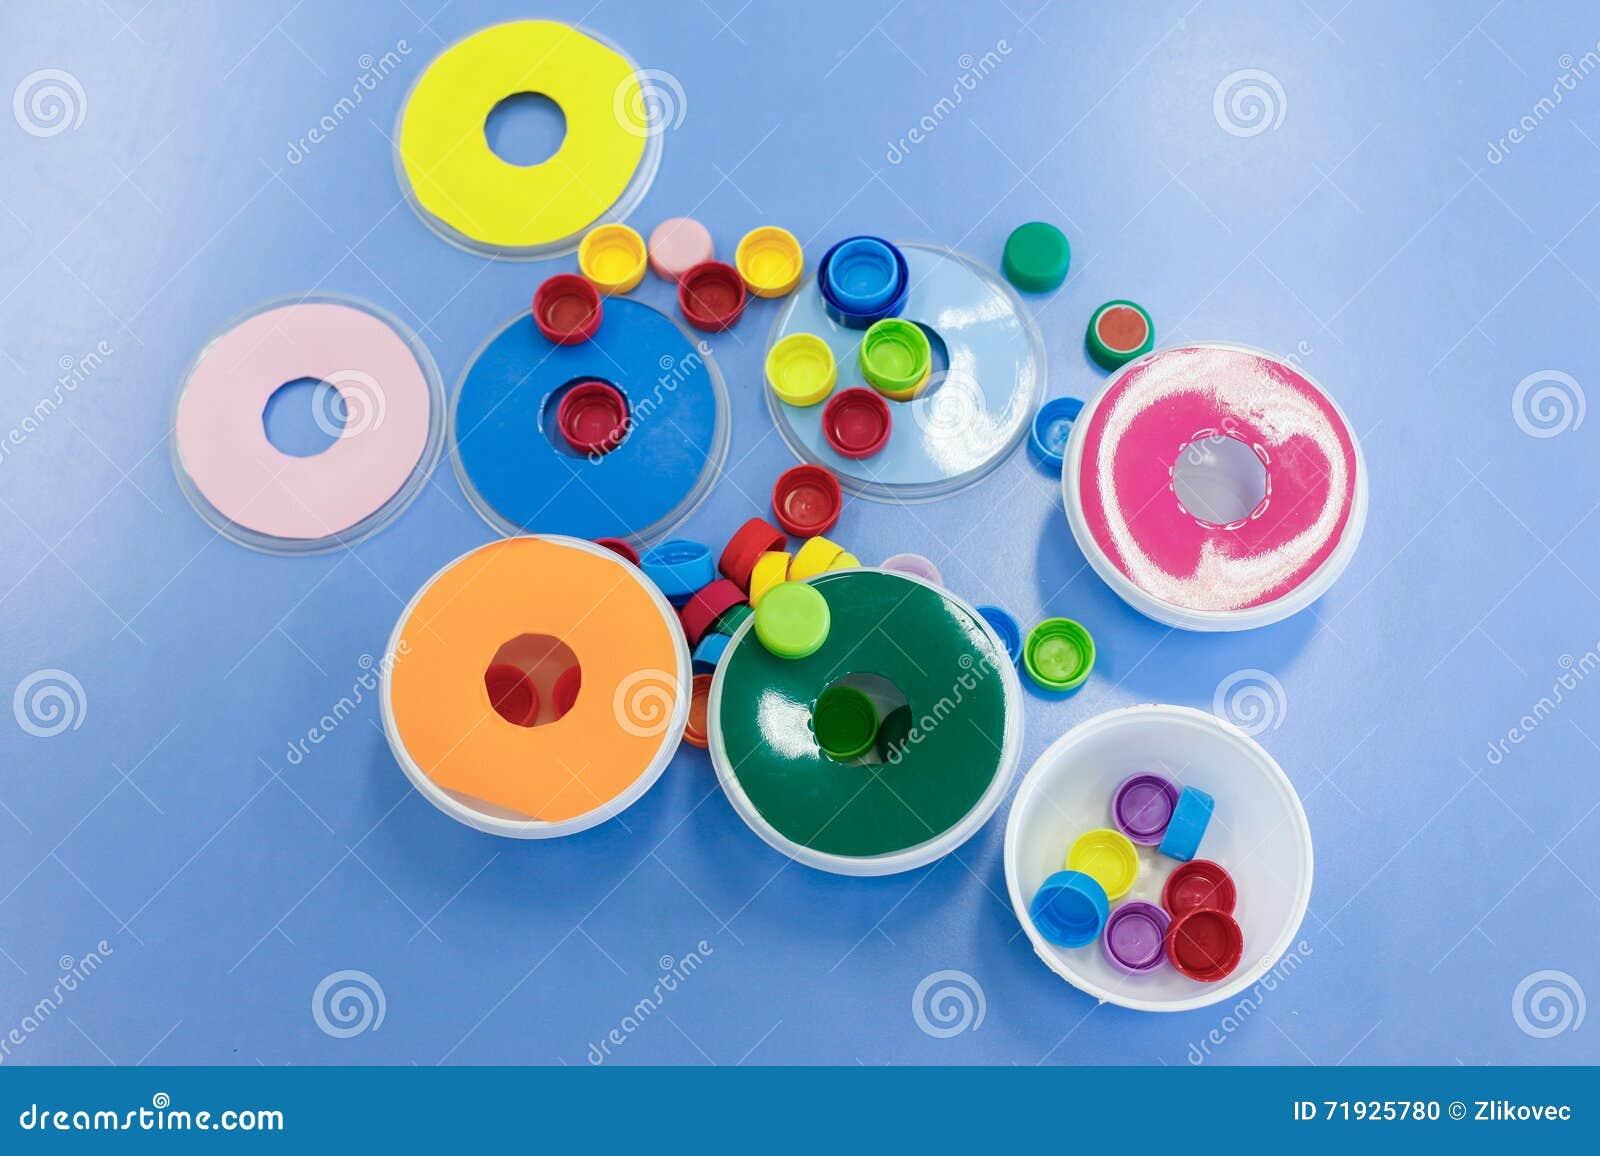 Домодельные, самодельные воспитательные игрушки